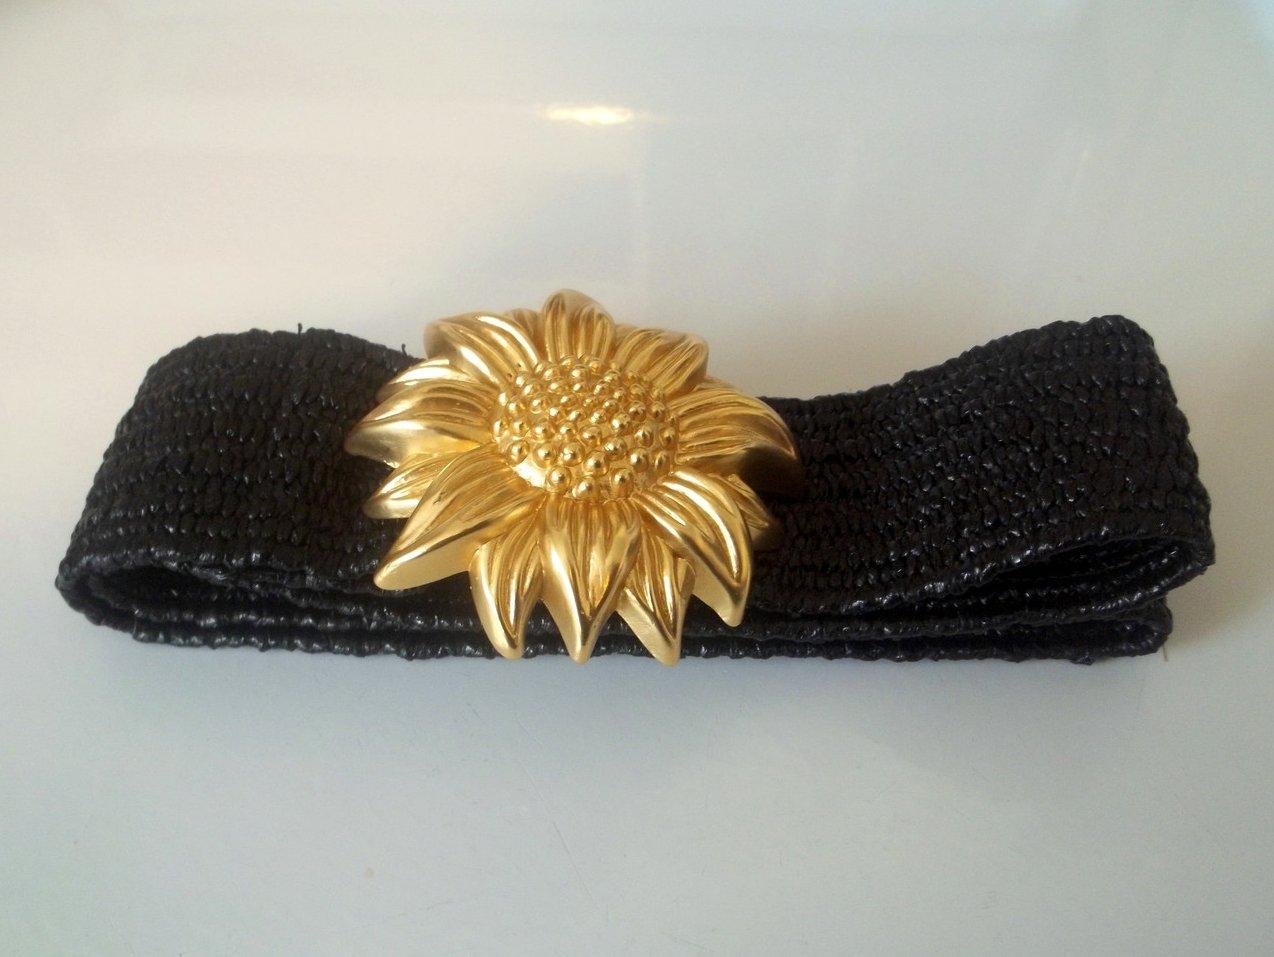 Vintage Ladies Fashion Belt Heavy Golden Sunflower Black 32 x 2